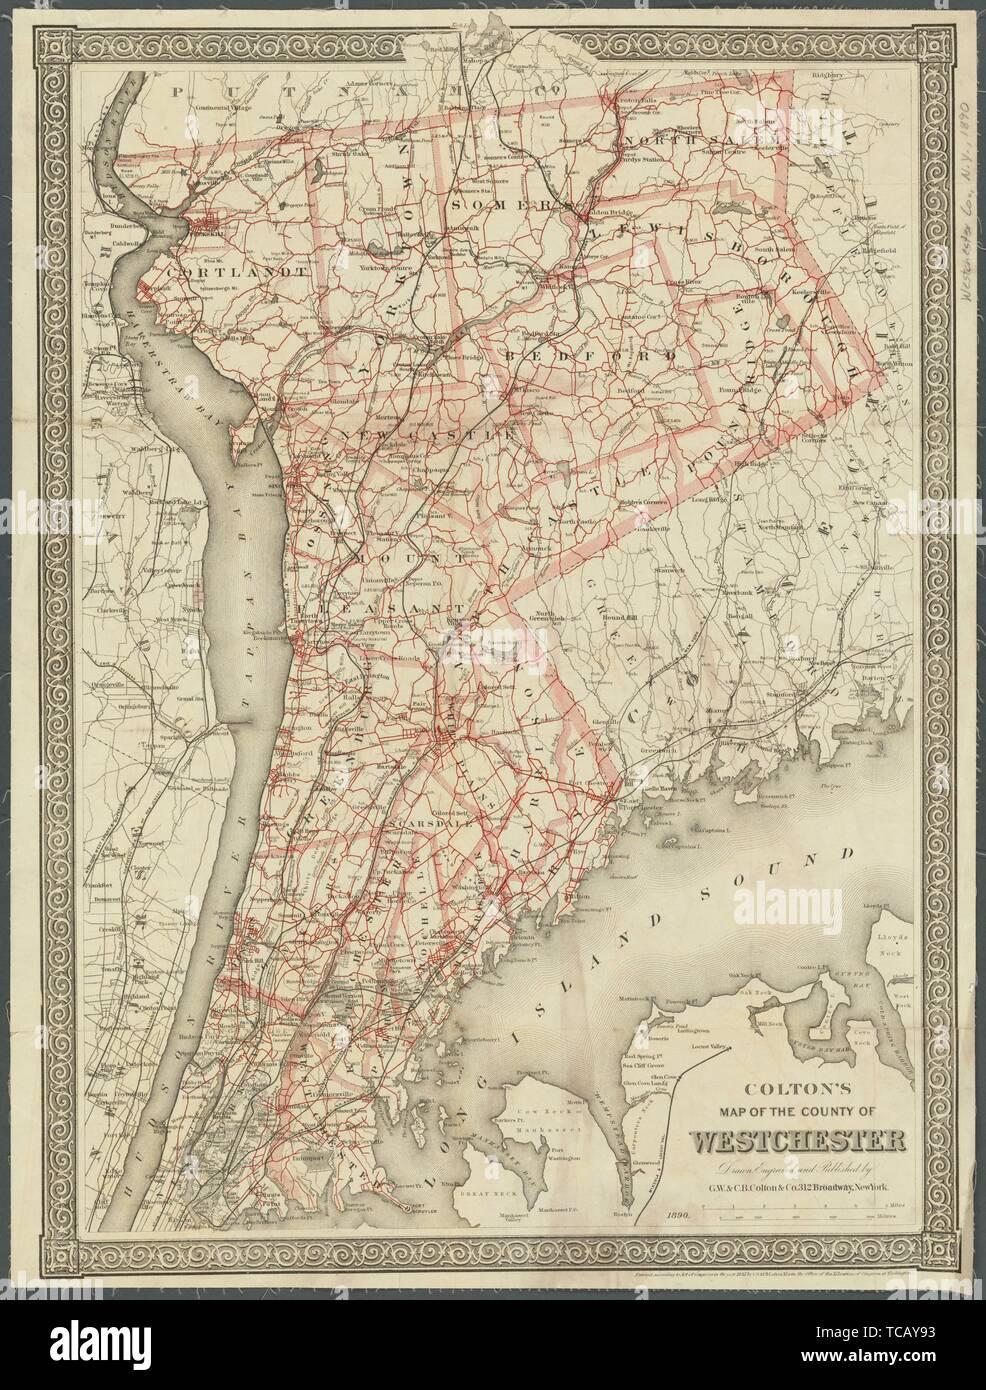 Colton Mapa del condado de Westchester título adicional: Mapa del condado de Westchester. G.W. & C.B. Colton & Co. (editor). Mapas de Nueva York Foto de stock